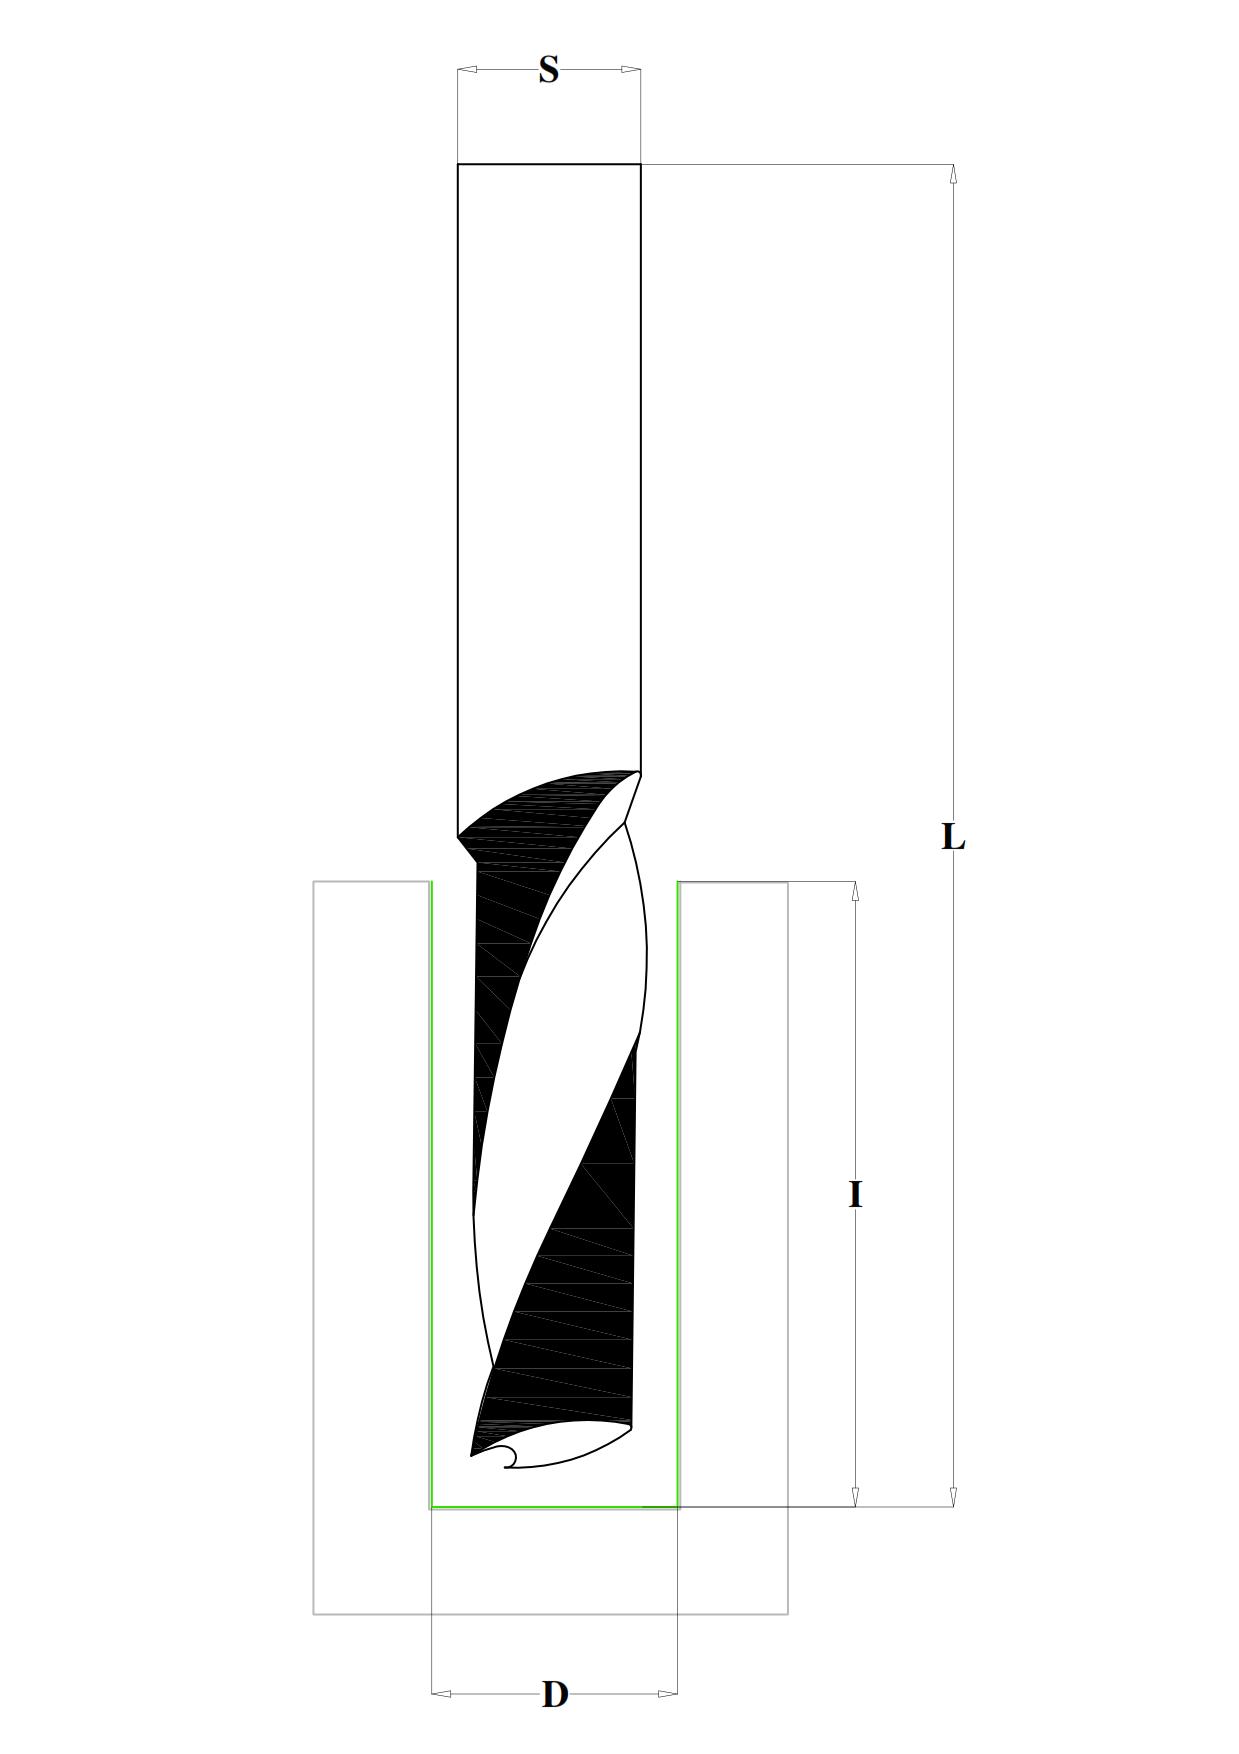 Fraiser FR.301 - Solid carbide upcut spiral bits Z1 - technical design